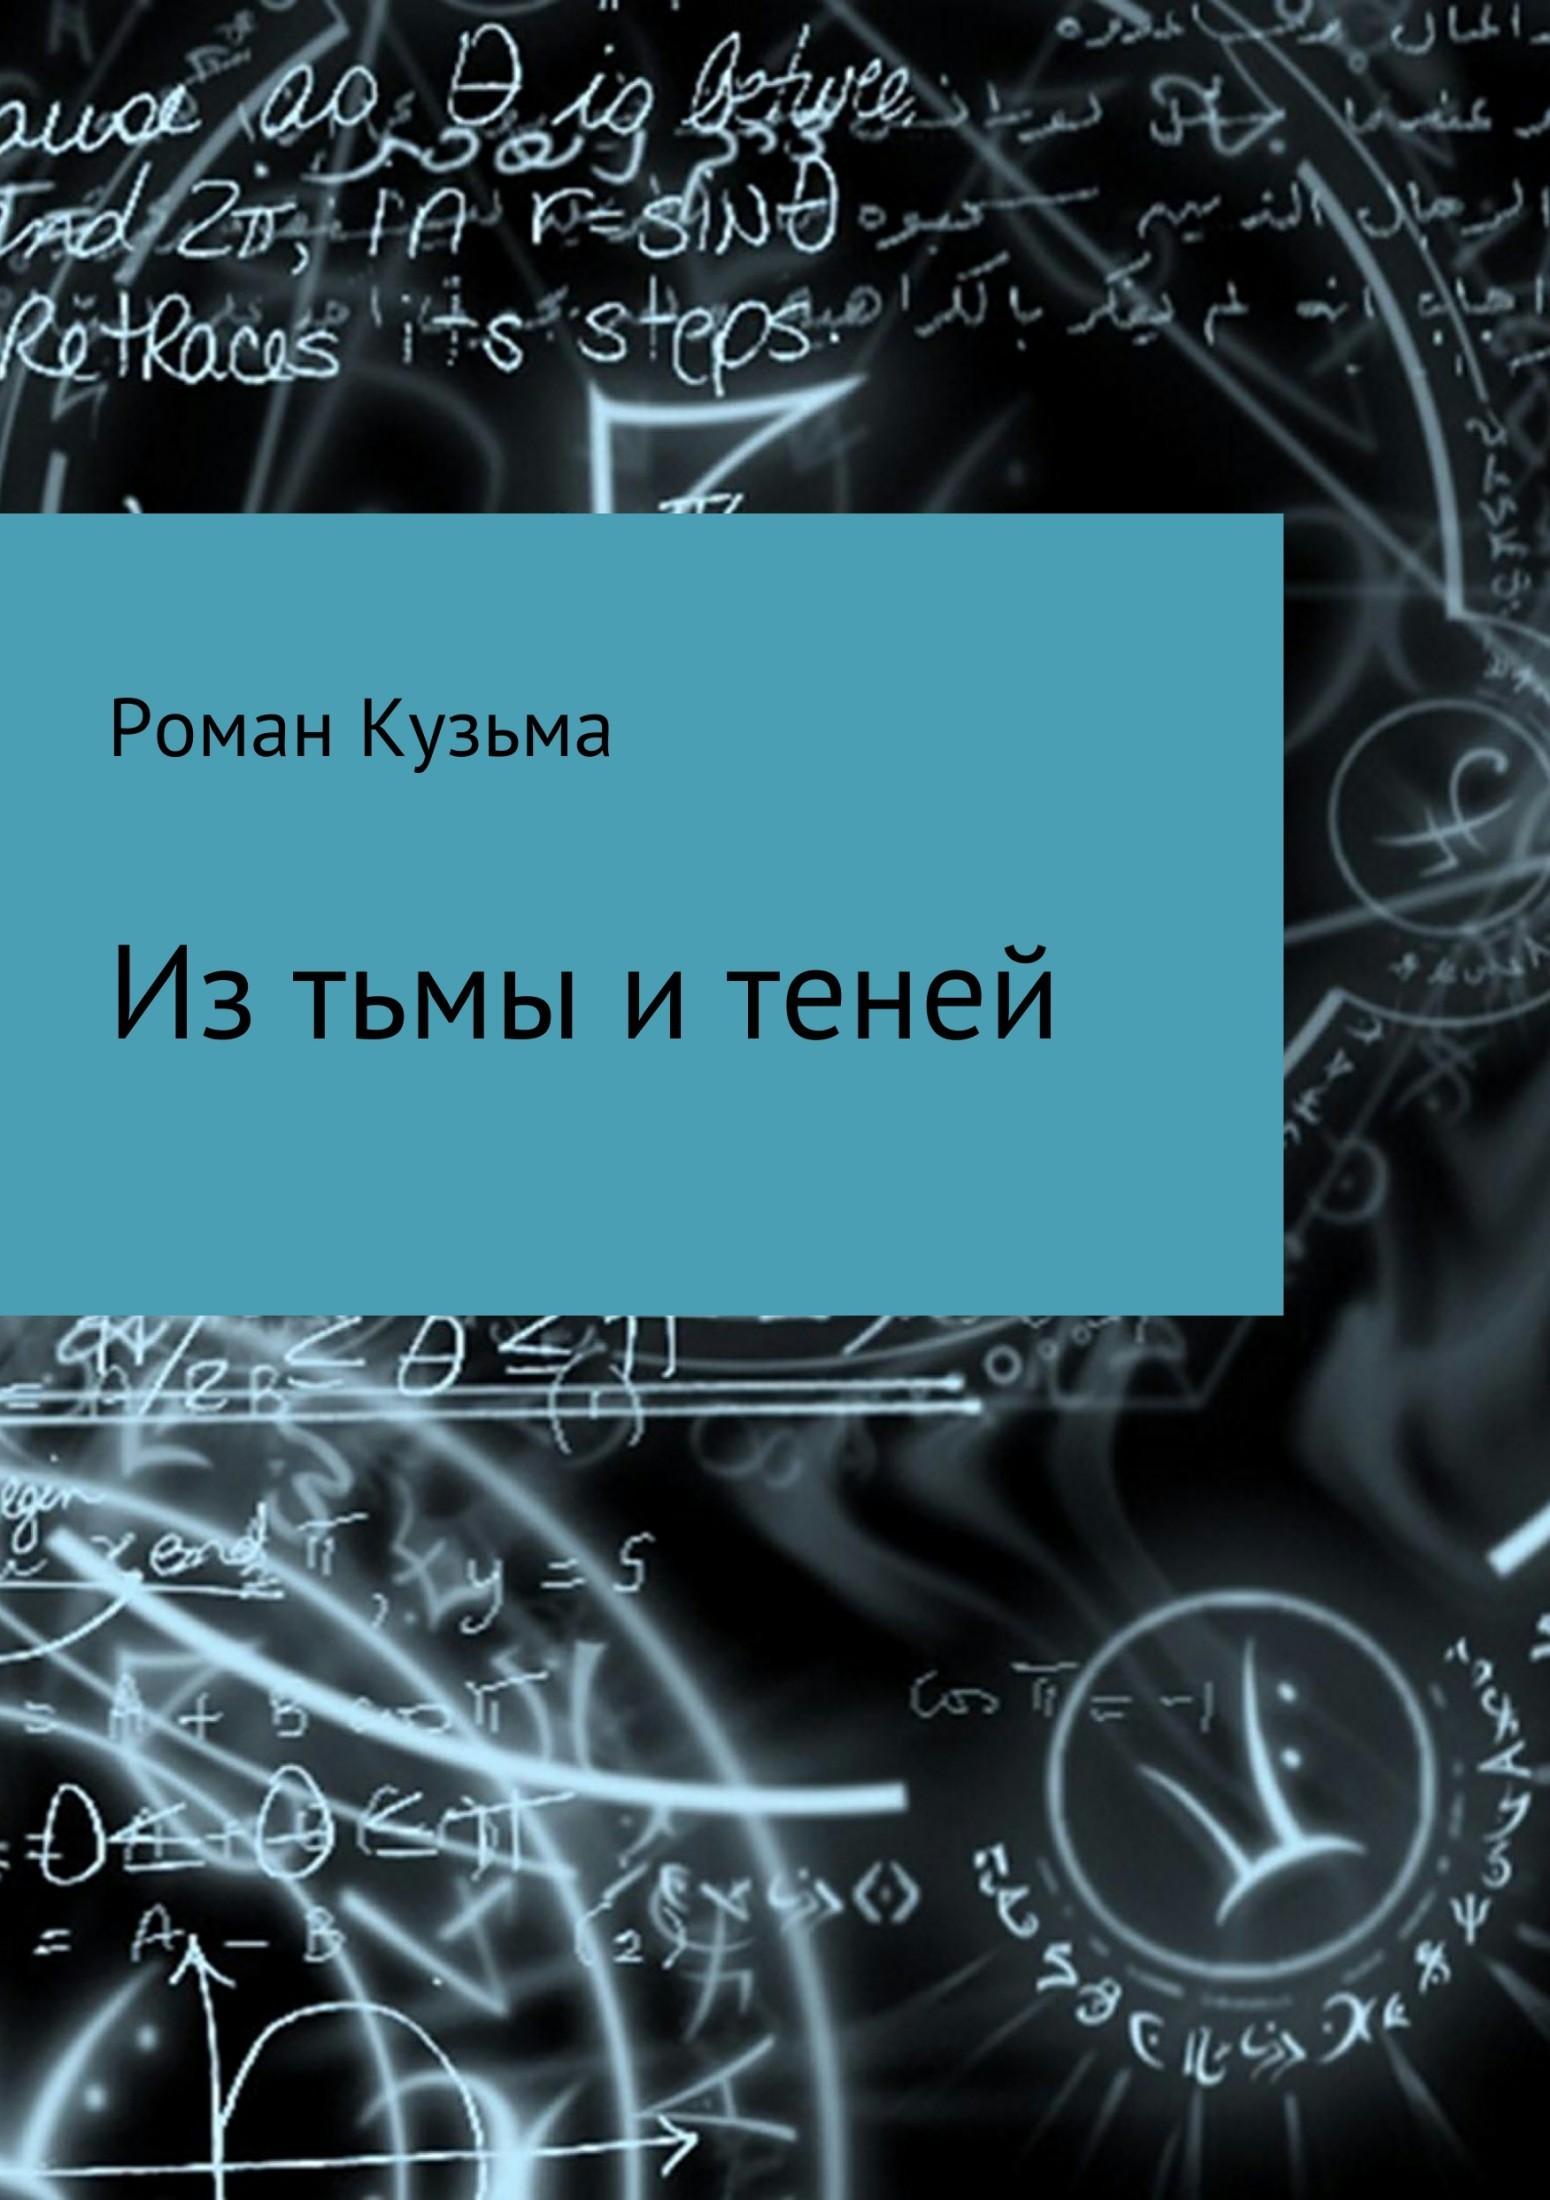 Обложка книги Из тьмы и теней, автор Роман Кузьма